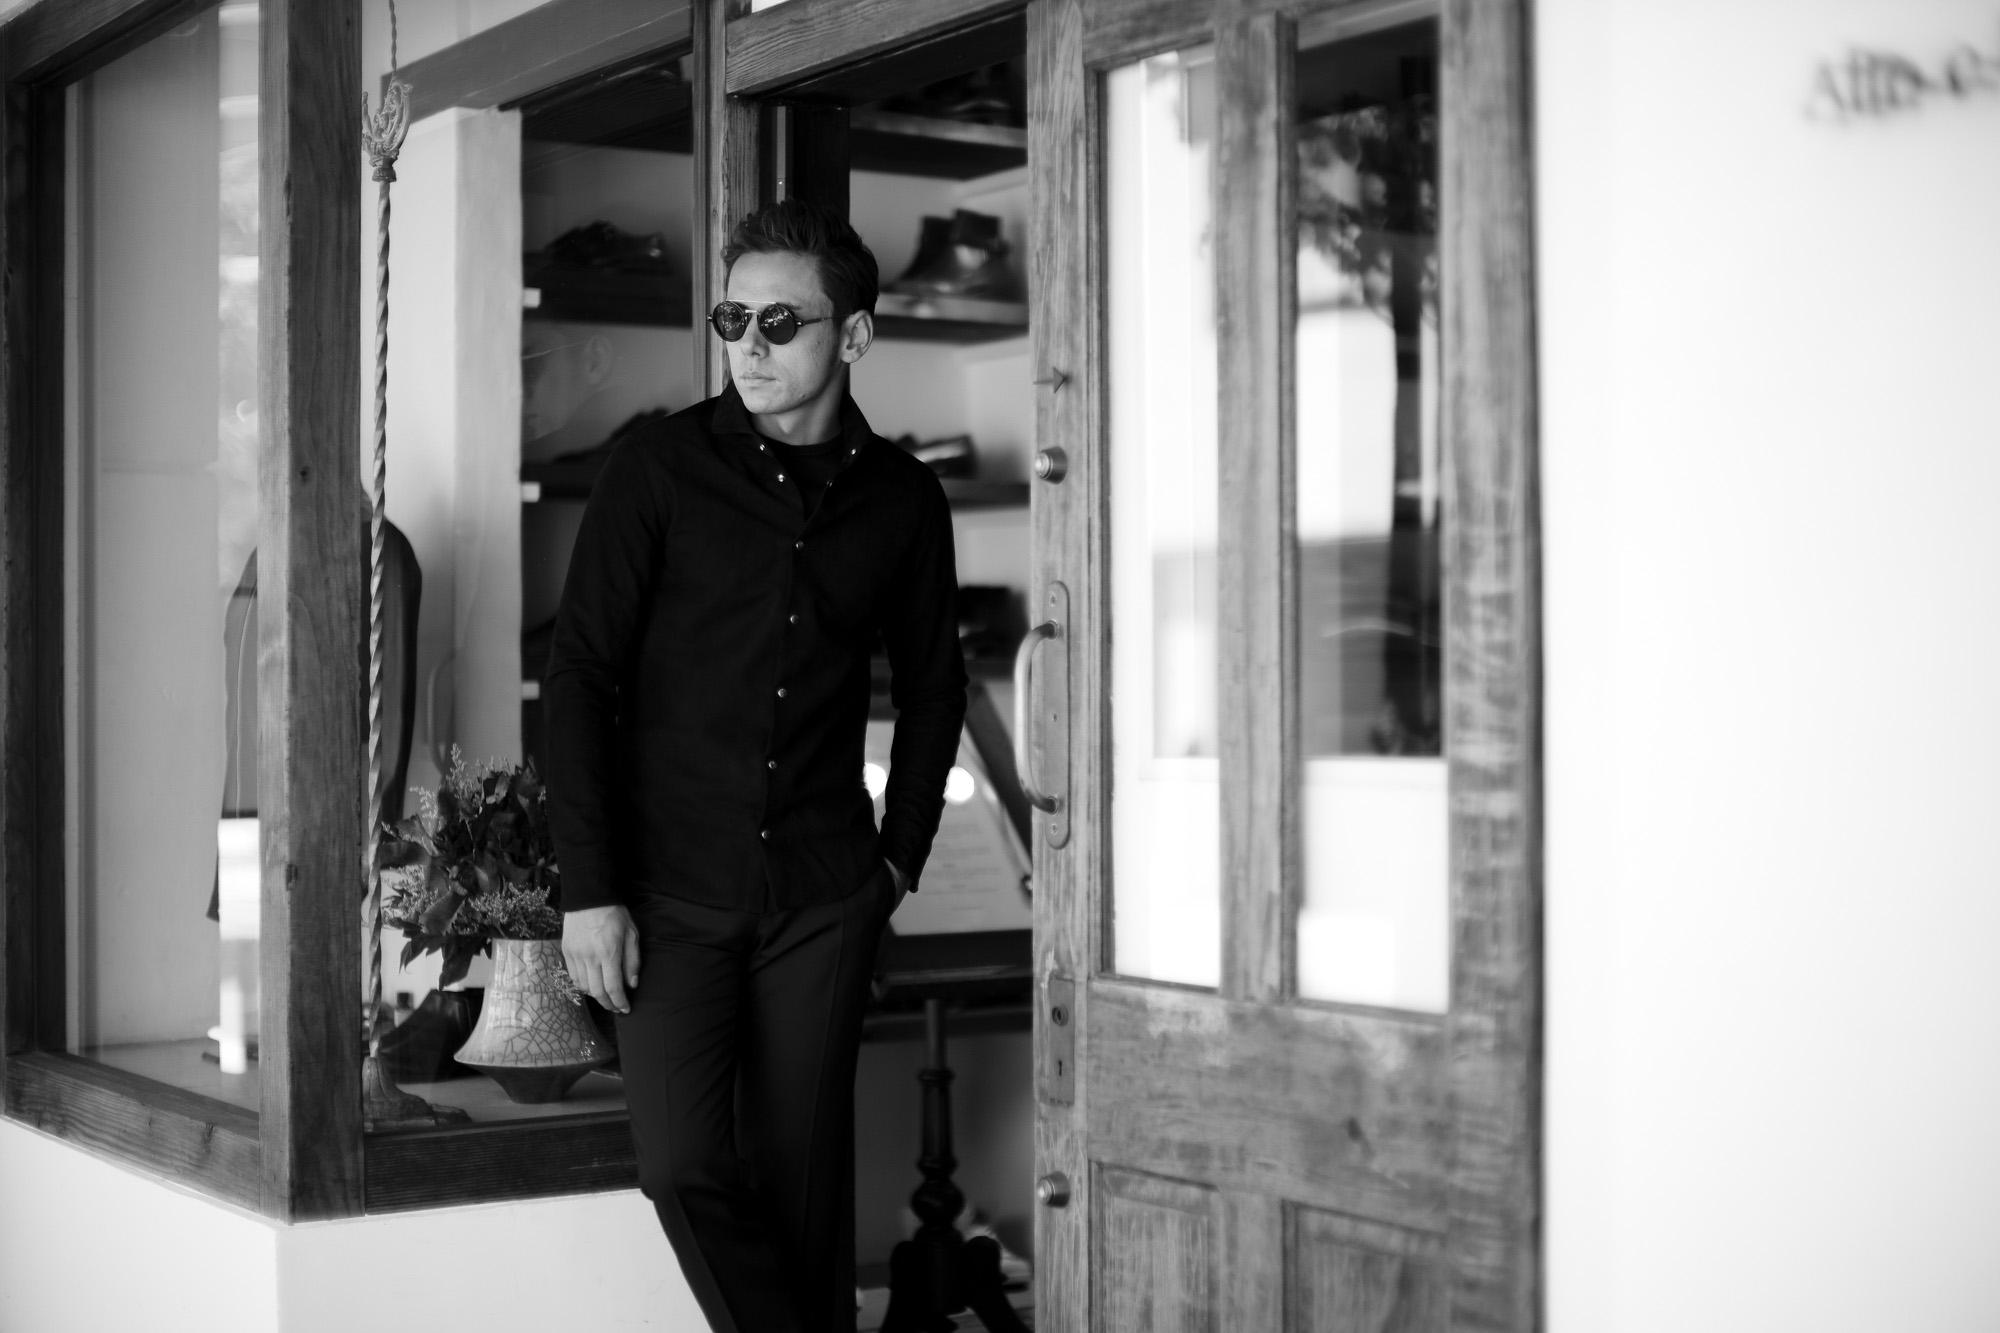 cuervo bopoha(クエルボ ヴァローナ) Satisfaction Leather Collection (サティスファクション レザー コレクション) Noel (ノエル) HORSE NUBUCK ホースヌバック レザーシャツ BLACK (ブラック) MADE IN JAPAN (日本製) 2019 秋冬 altoediritto アルトエデリット ヌバックシャツ レザージャケット